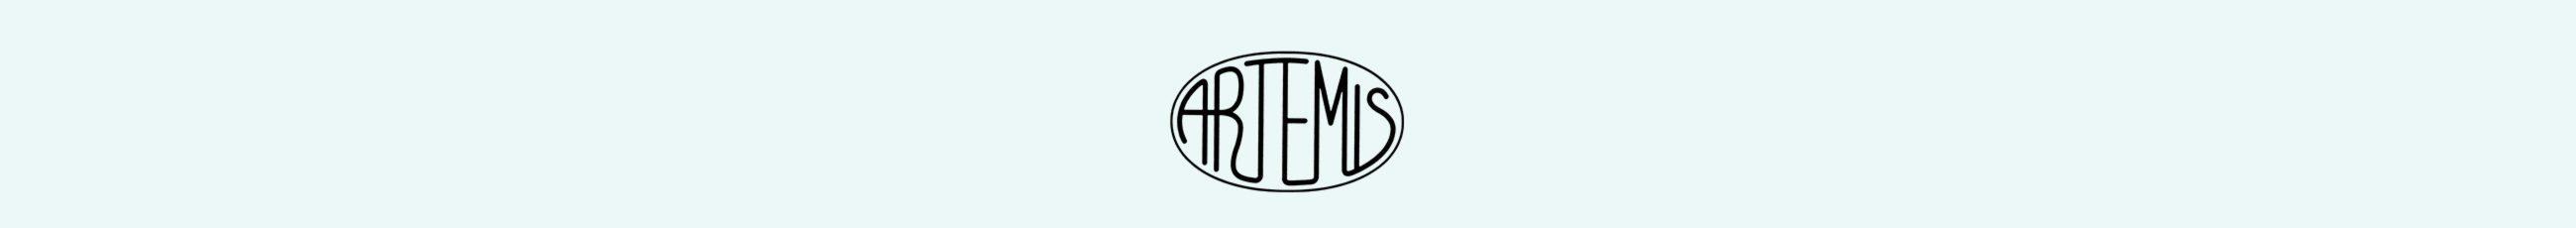 Artemis - Antiquité - Tapisserie - décoration à Eymet